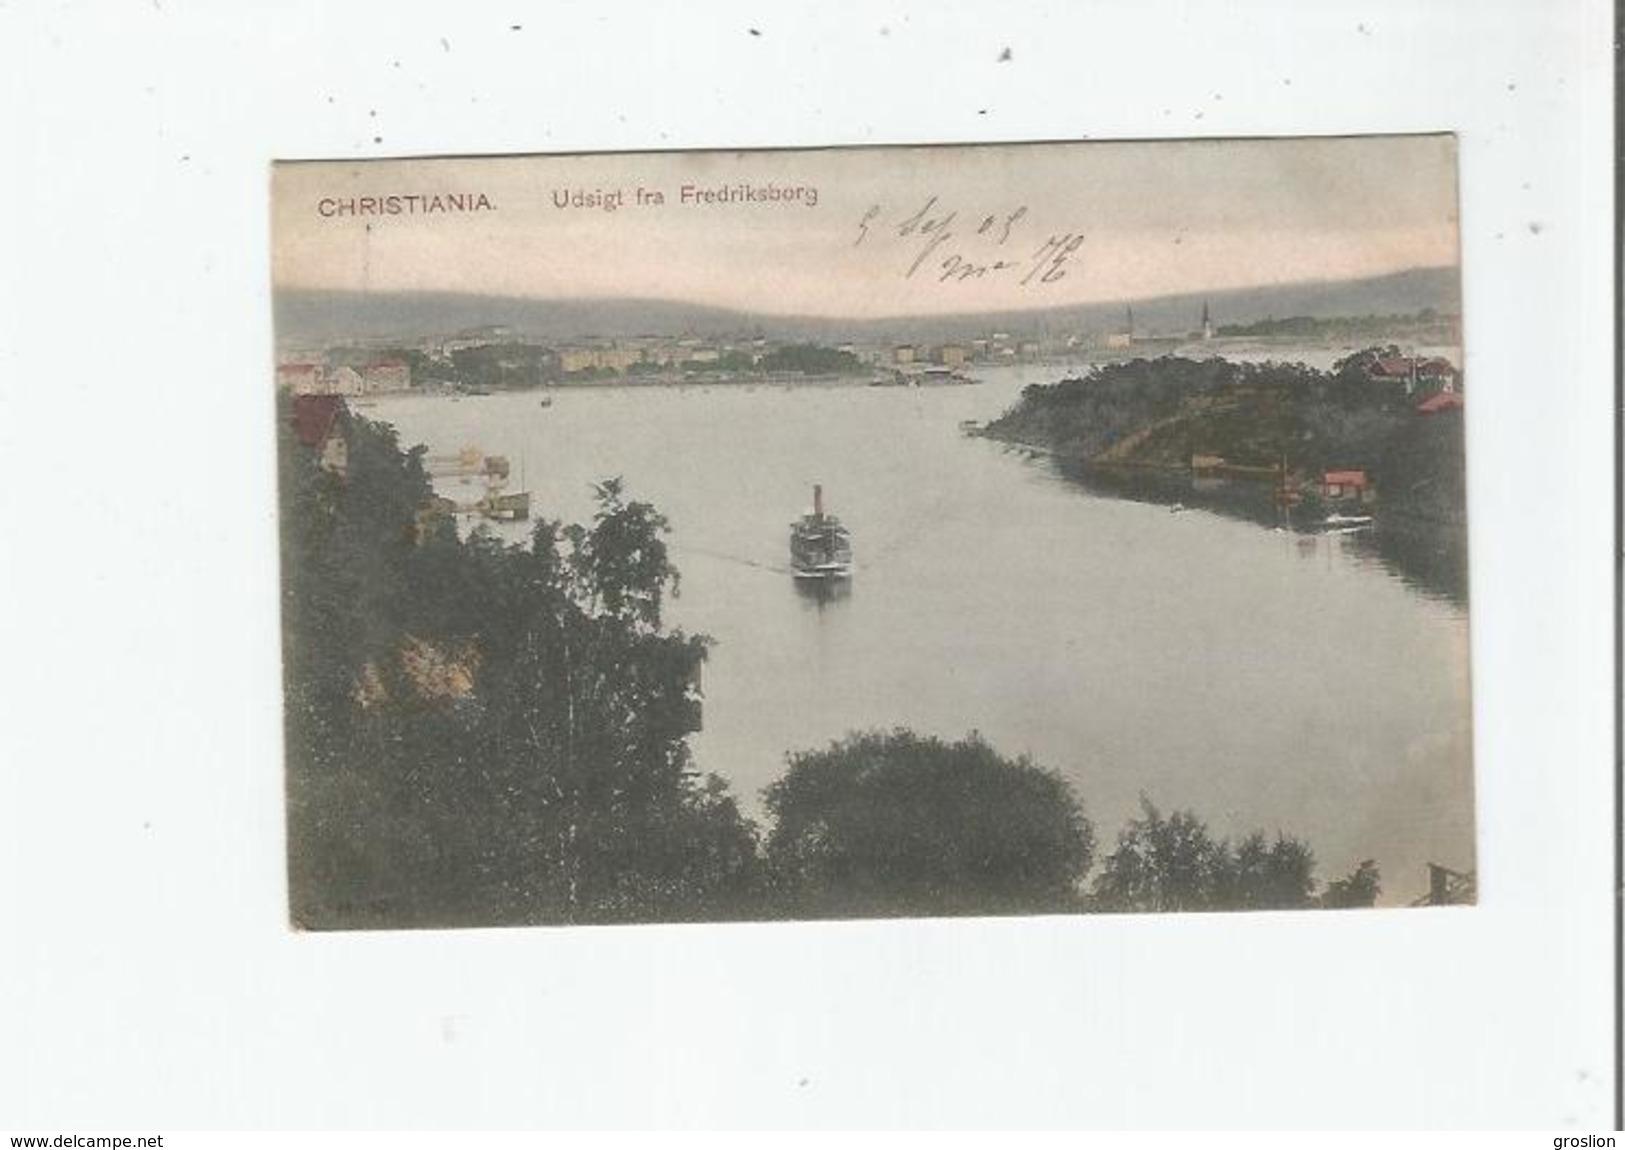 CHRISTIANA 57 UDSIGT FRA FREDRIKSBORG 1905 - Norvège